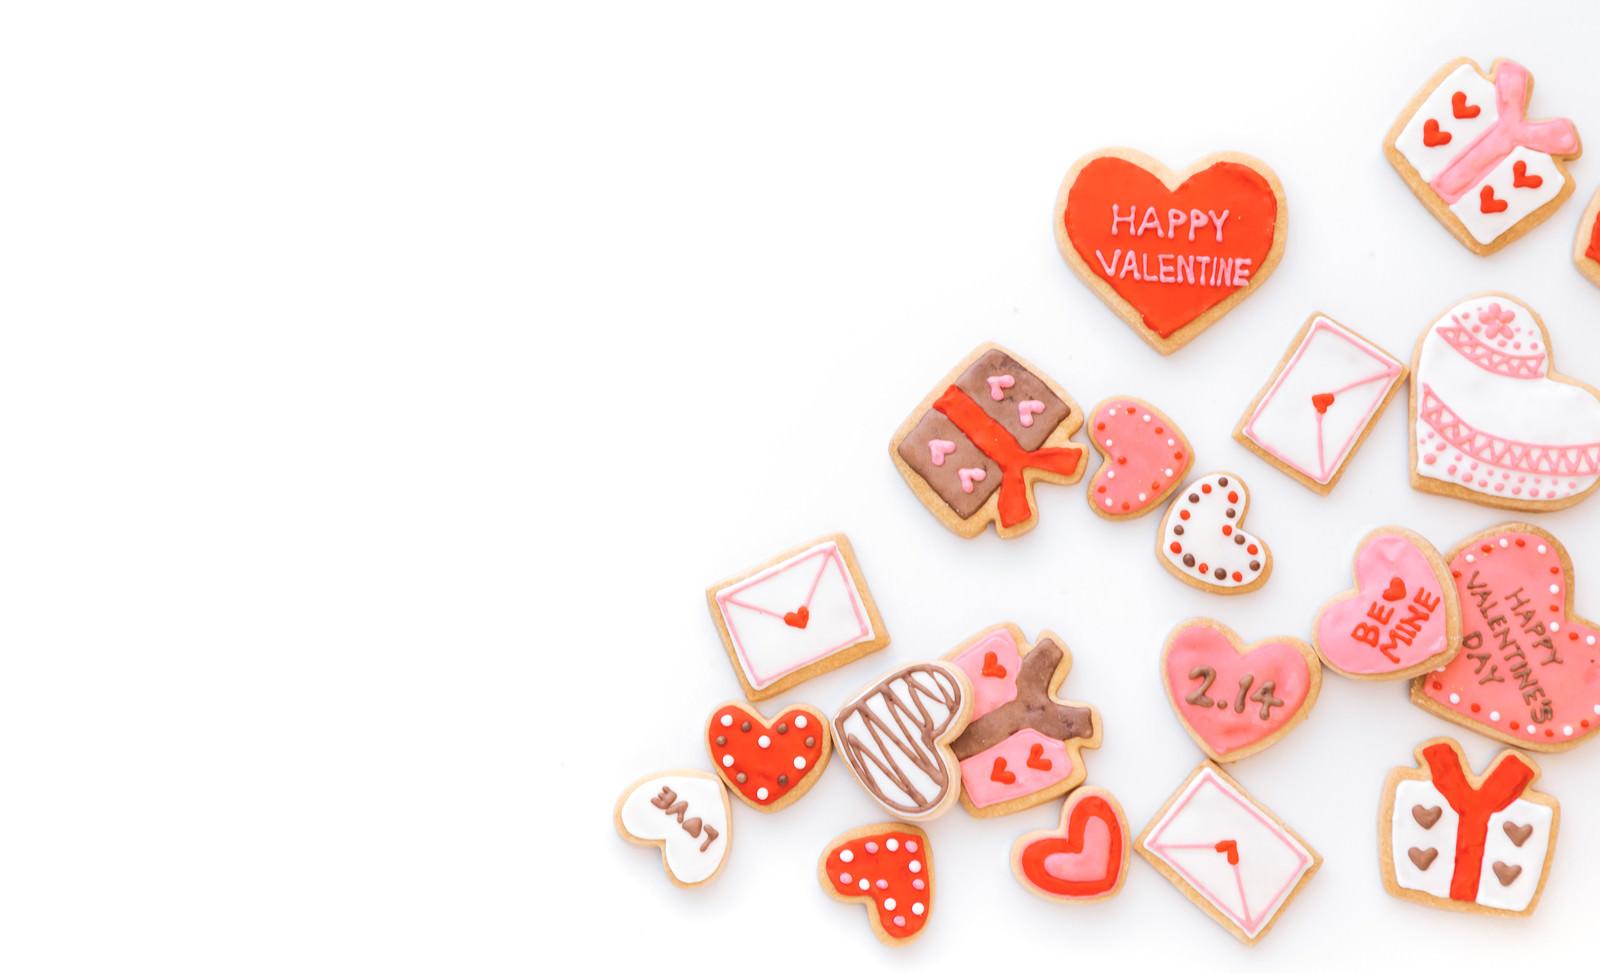 「ハートいっぱいのバレンタイン素材」の写真